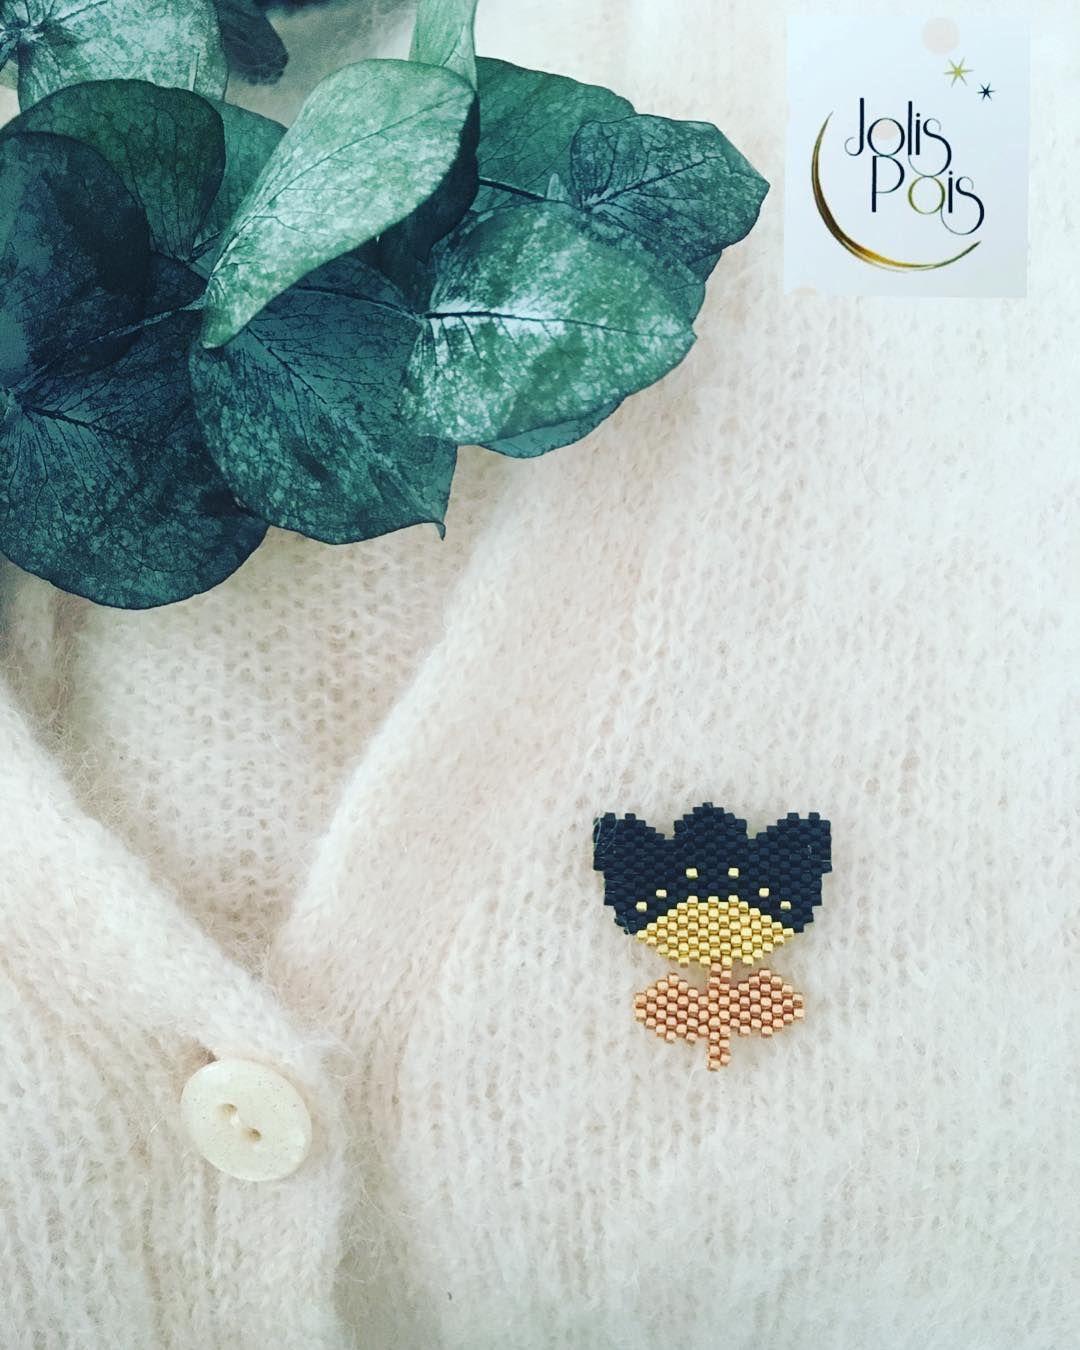 Pin de Anne Pinsard en Tissage brick stitch | Pinterest | Punto ...